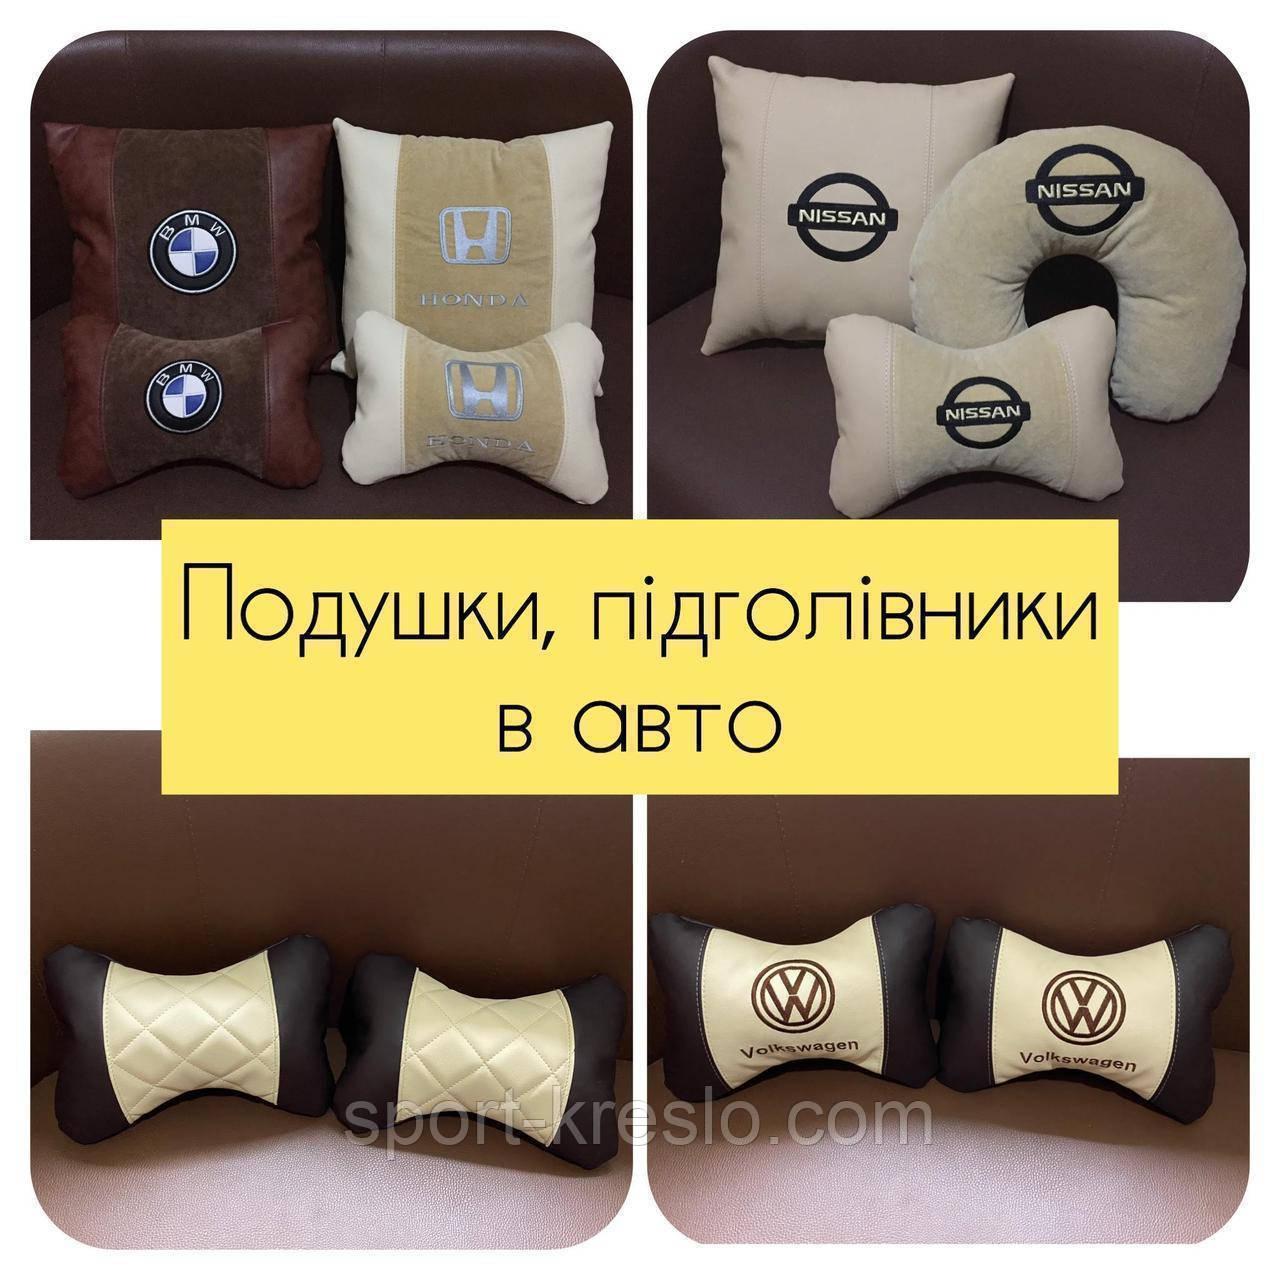 Подголовники с логотипом в машину, госномером, автосувенир